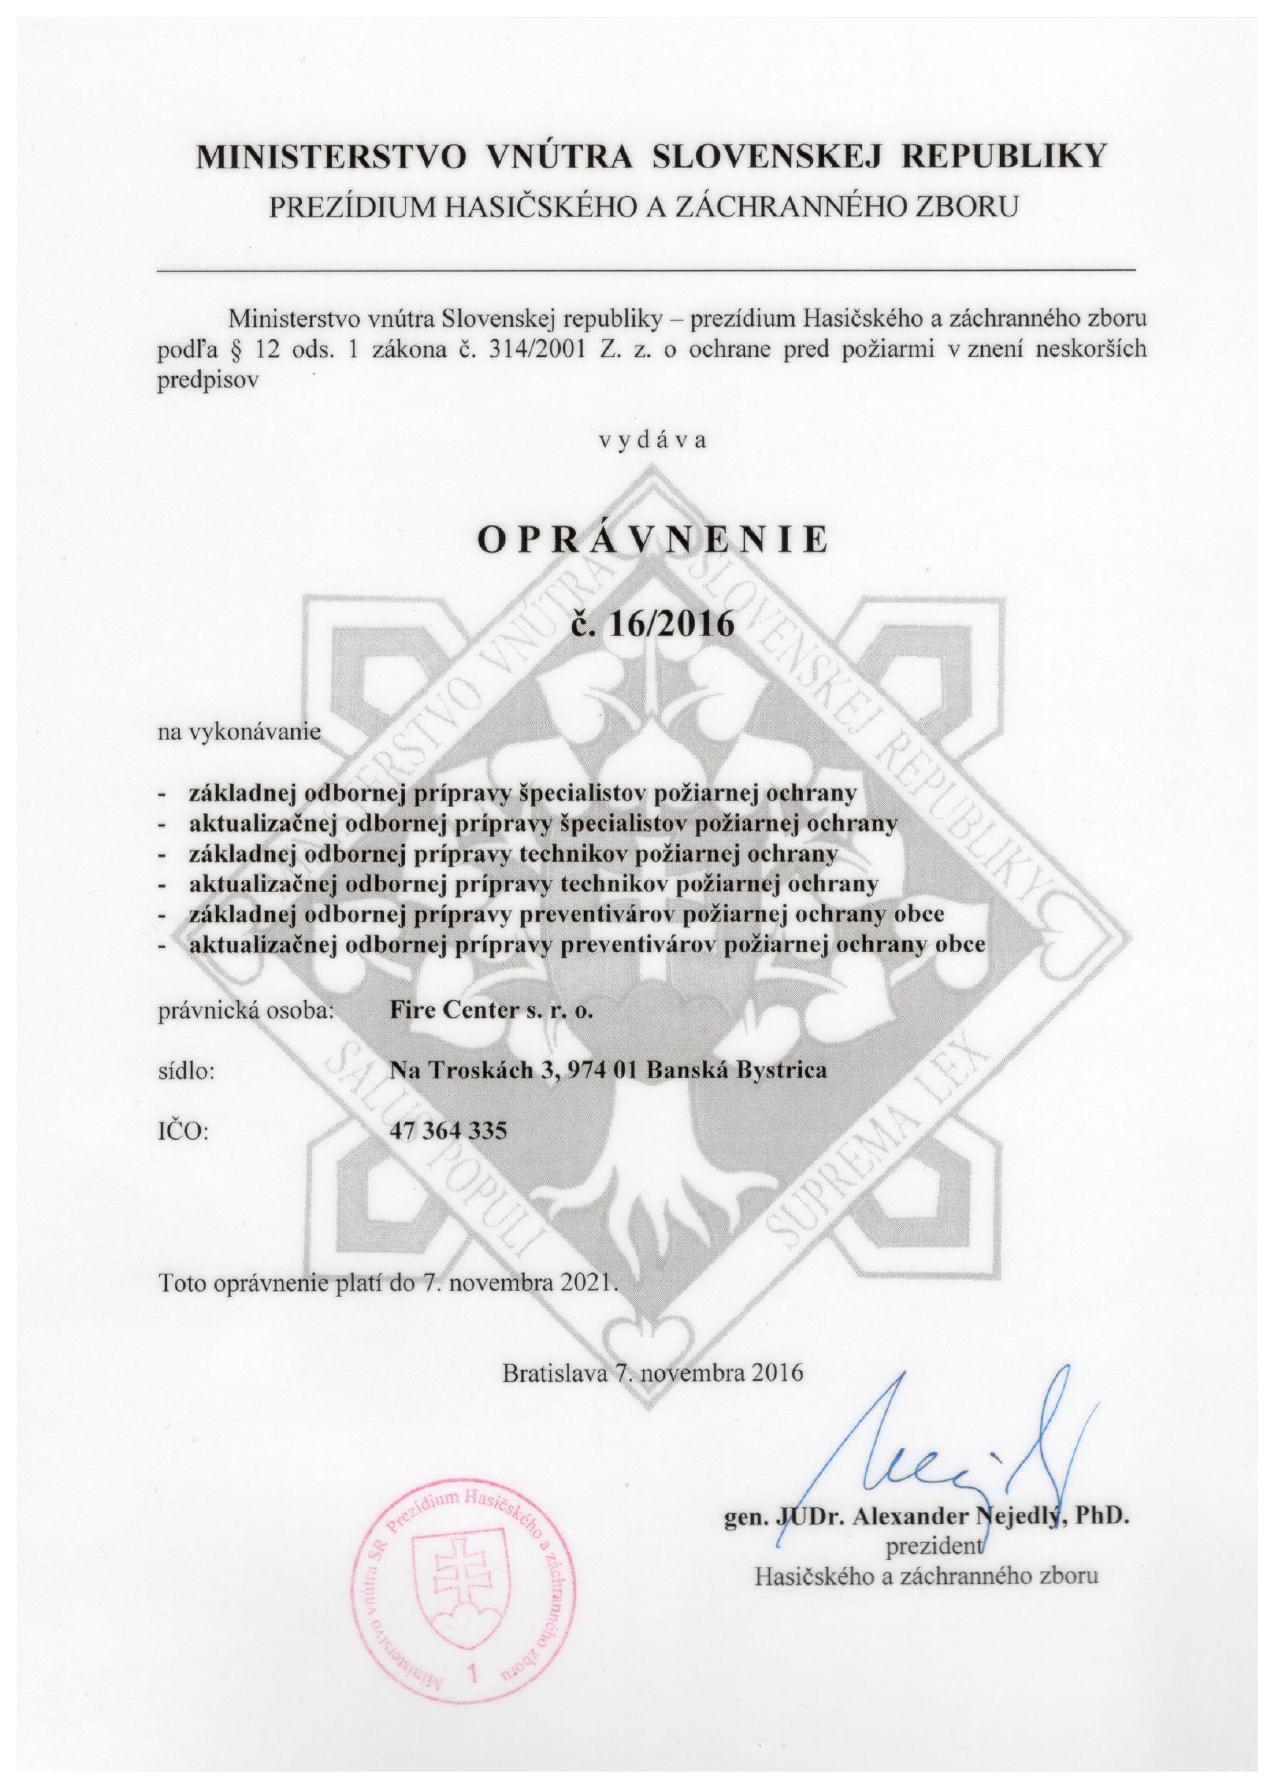 Fire Center s.r.o. - Oprávnenie ŠPO / TPO / PPOO